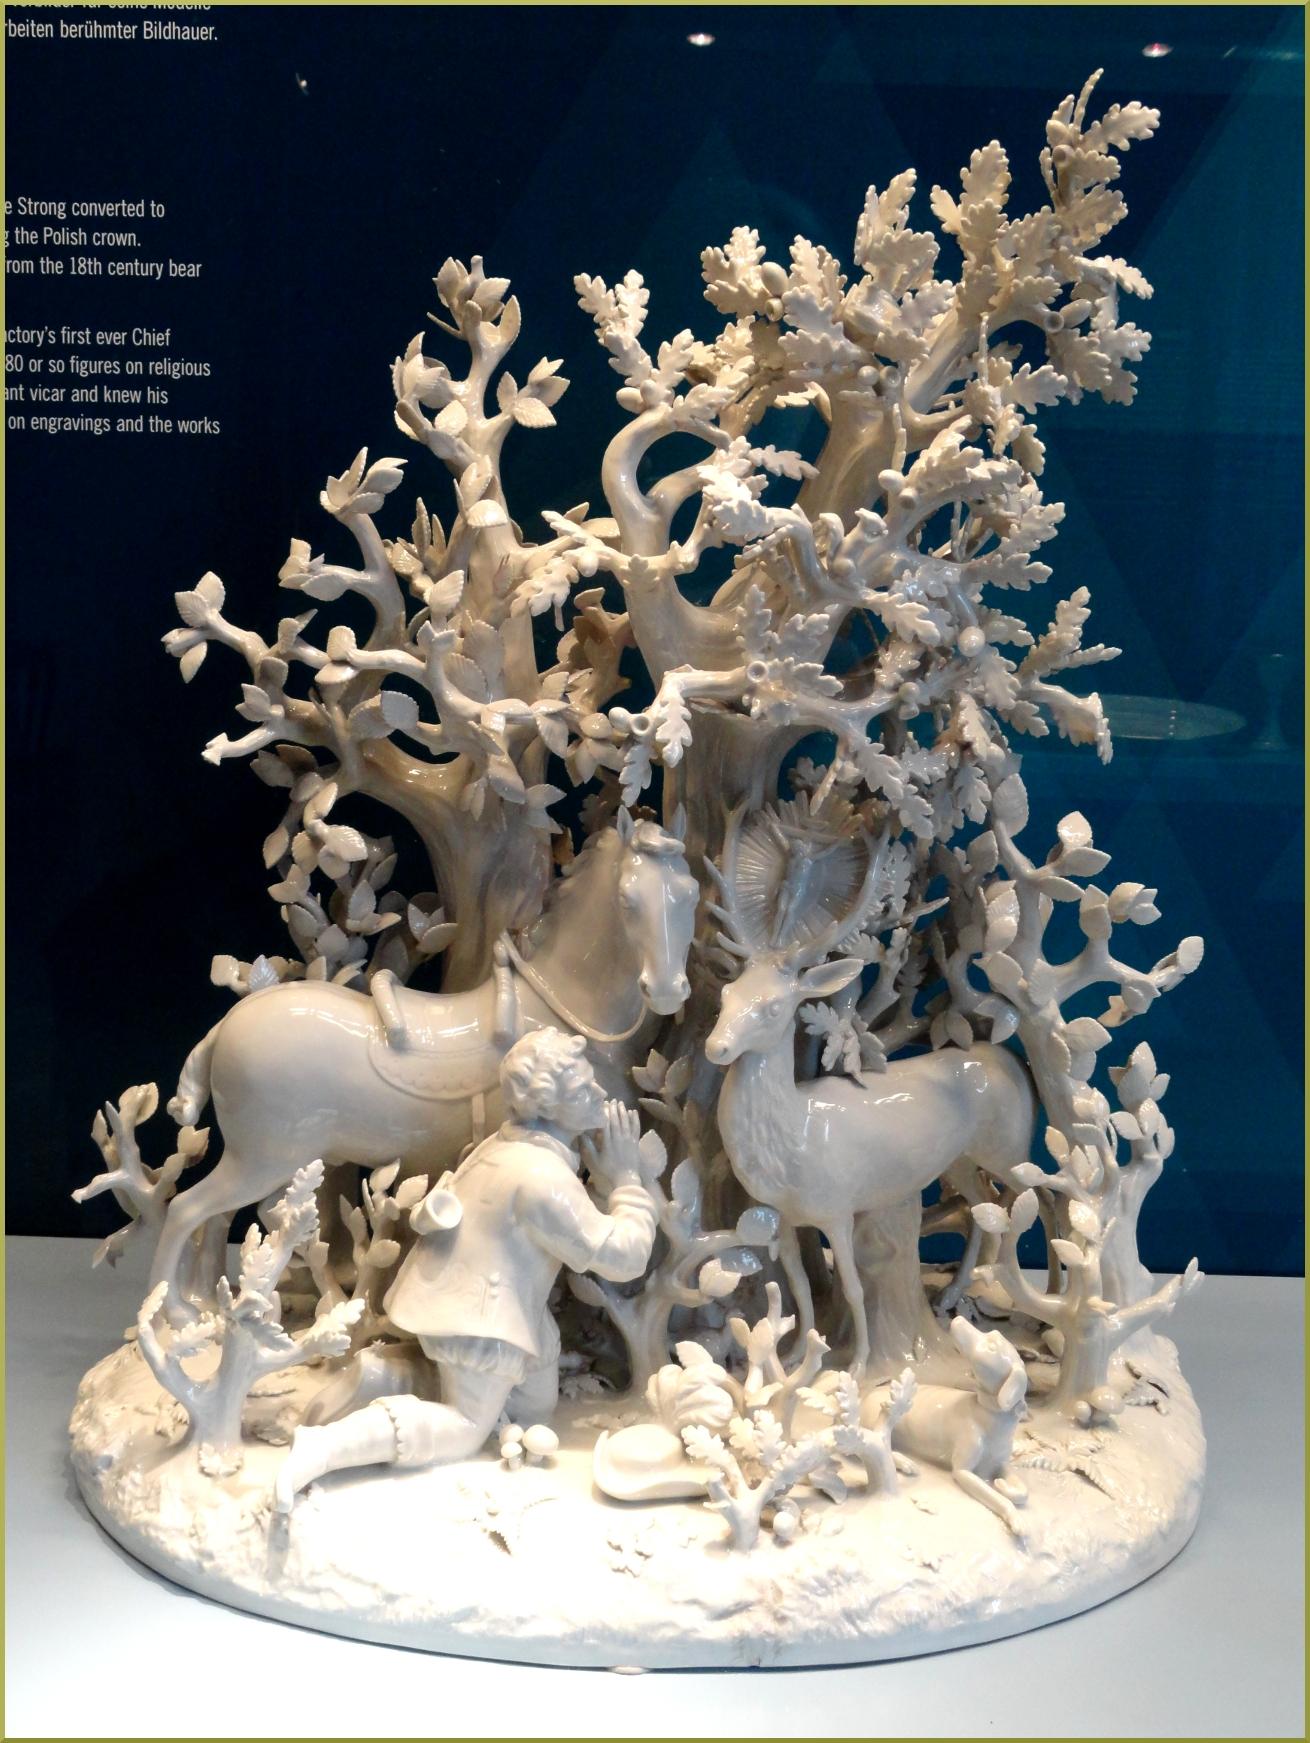 Евстафий Плакида и олень. Фарфоровая композиция. Музей Мейсен